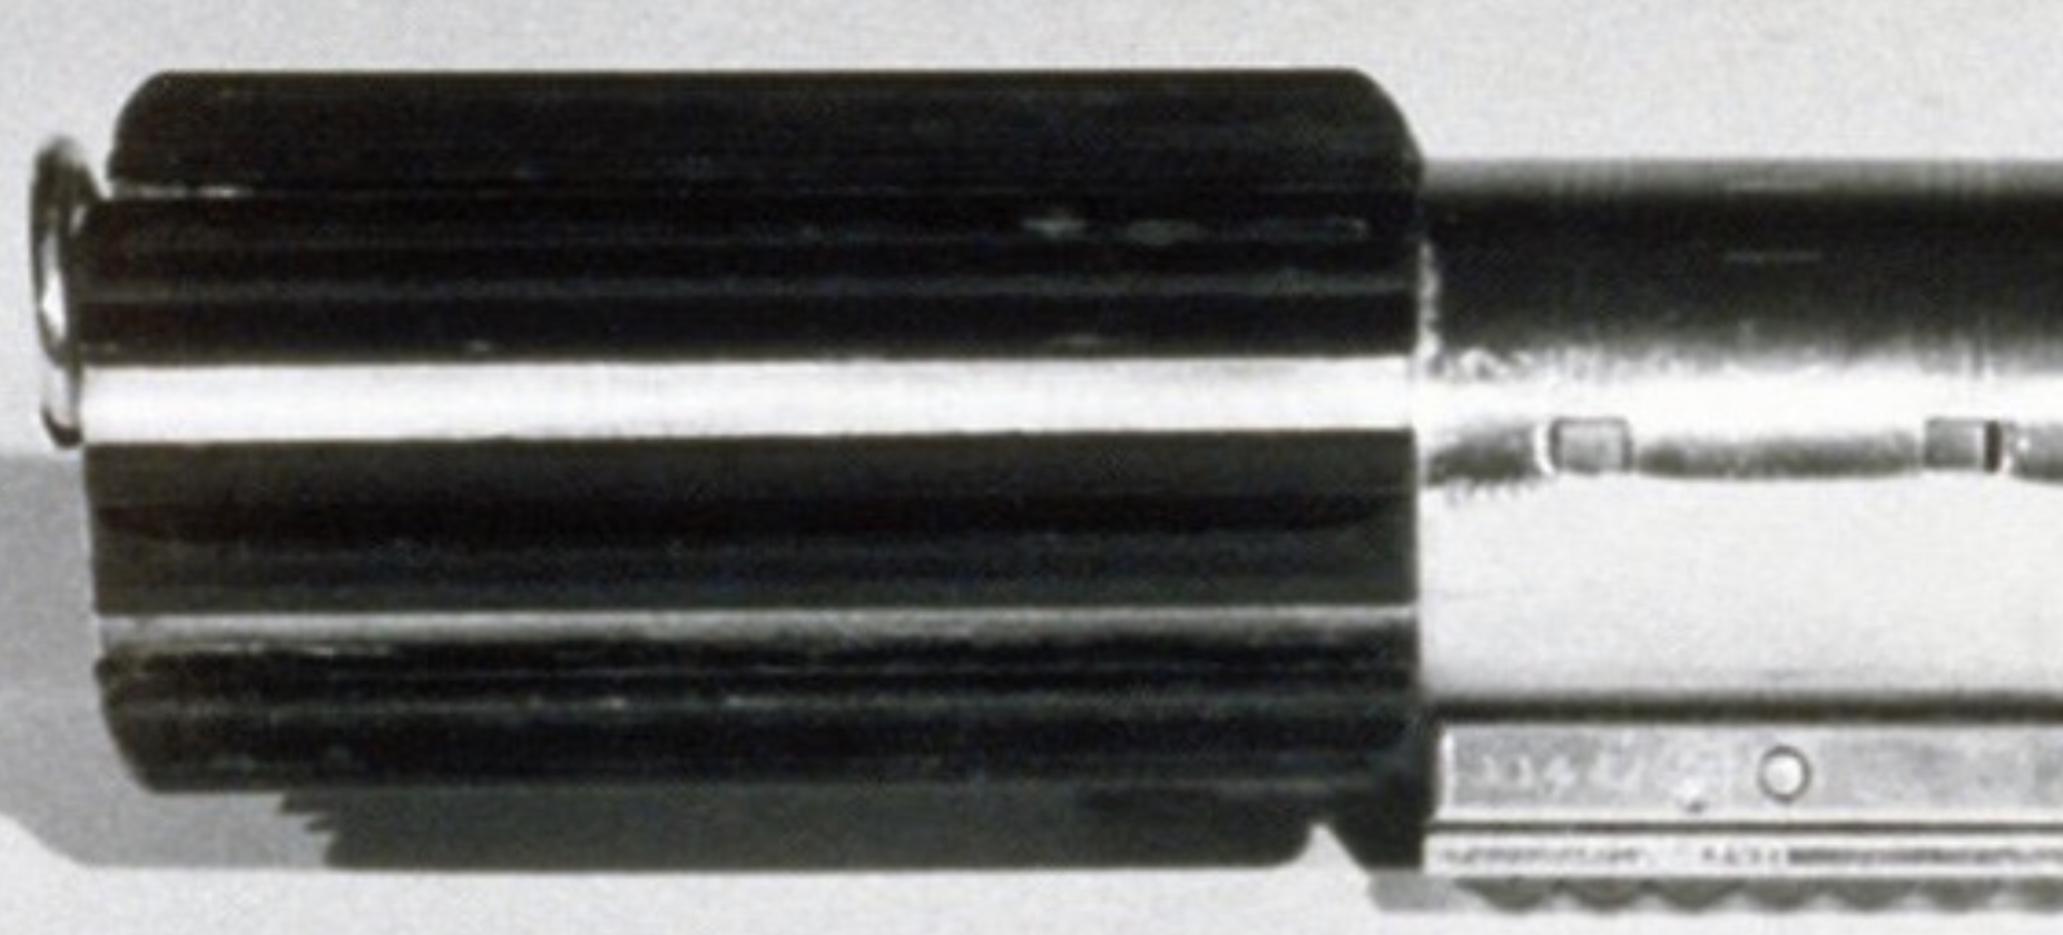 CBA90D72-C7B5-4FA4-9289-15F2D2B0899F.jpeg